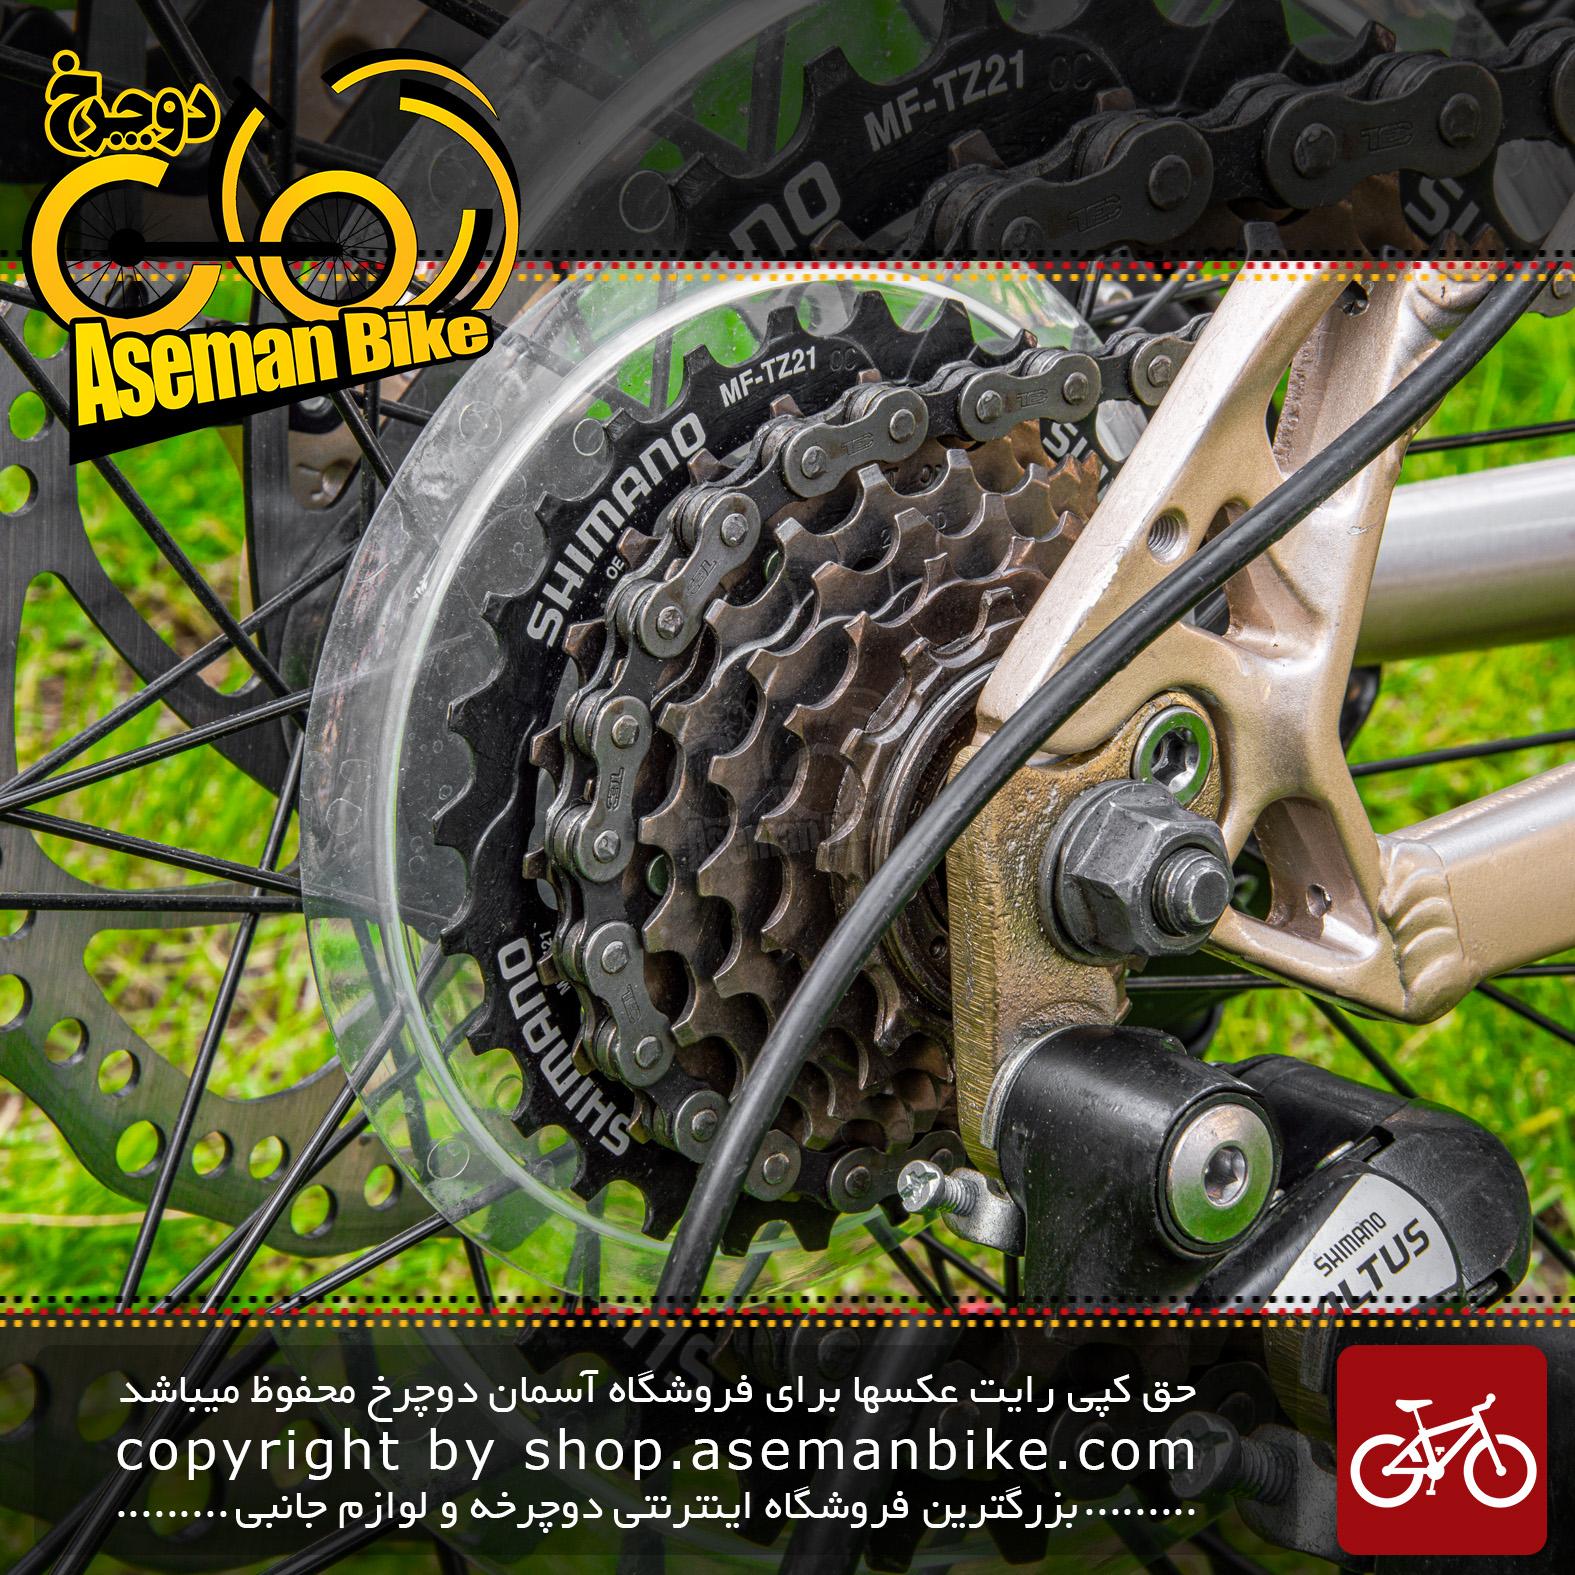 دوچرخه کوهستان بلست بانوان مدل لیدی سایز 26 با سیستم دنده 21 سرعته رنگ بژ و فیروزه ای کاستوم شده Bicycle Blast Lady Size 26 21 Speed Beige & Turquoise Costume